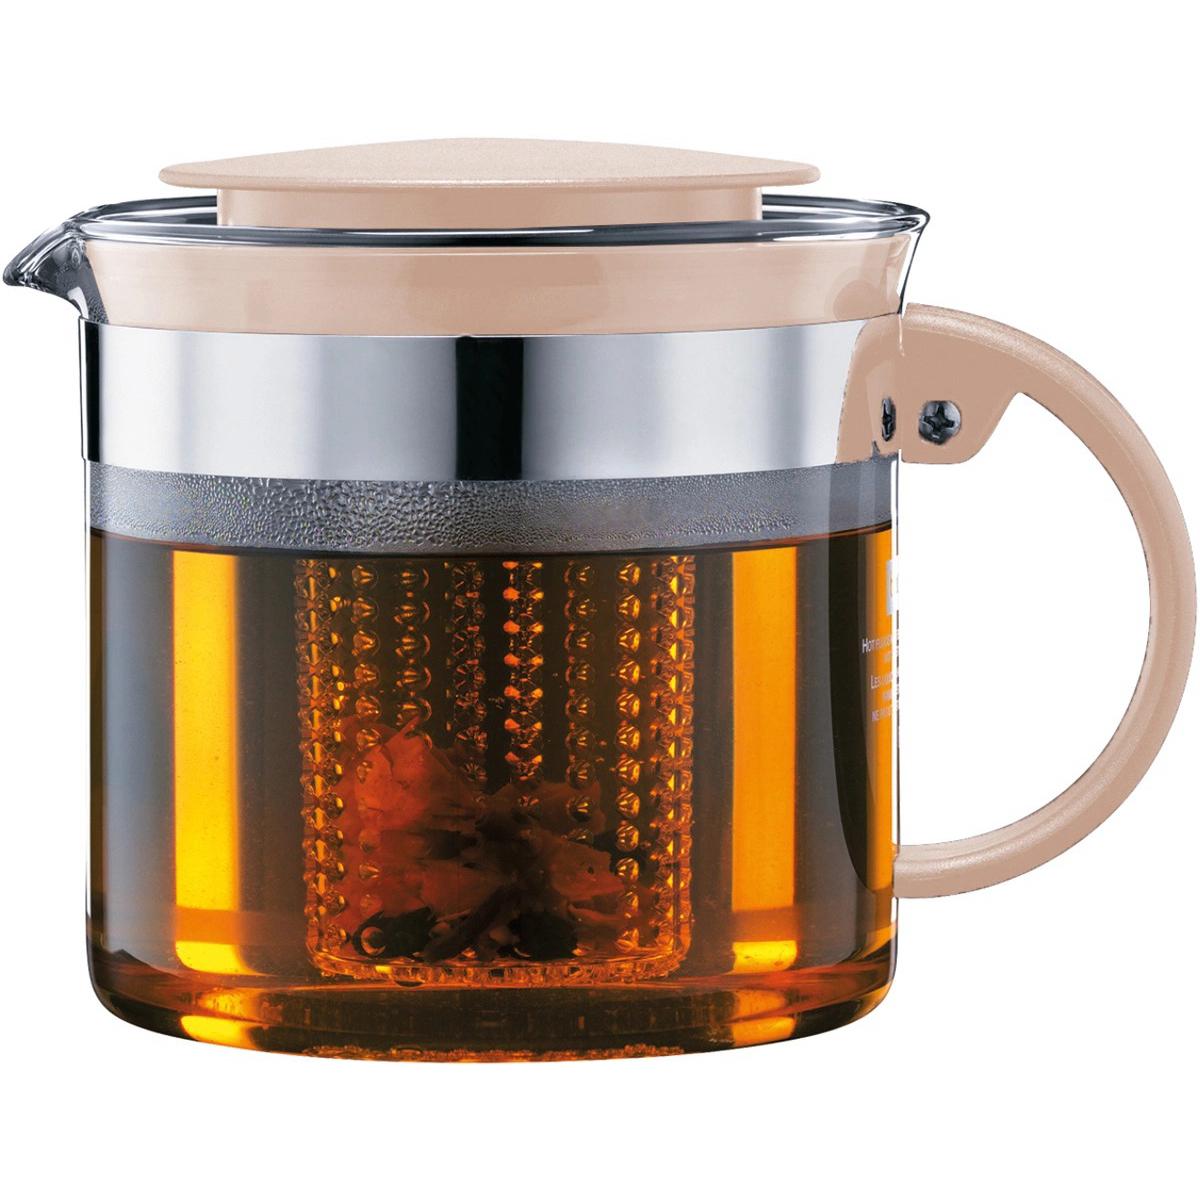 Чайник заварочный Bodum Bistro Nouveau в ассортименте 1 л заварочный чайник 1 5 л lilac 5520010 1